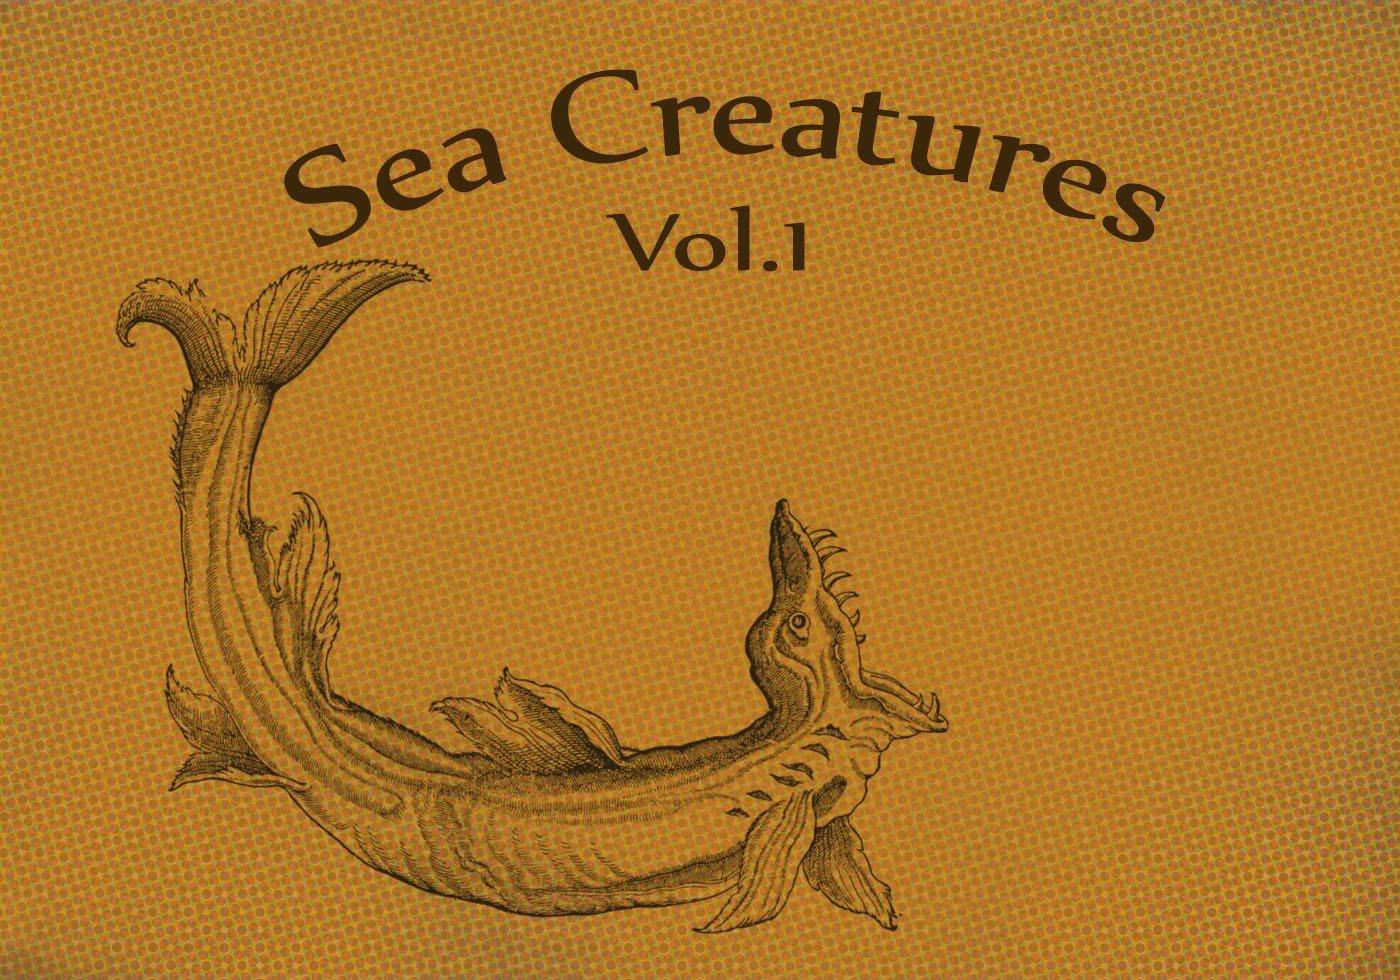 Sea-creatures-vol-1-photoshop-brushes